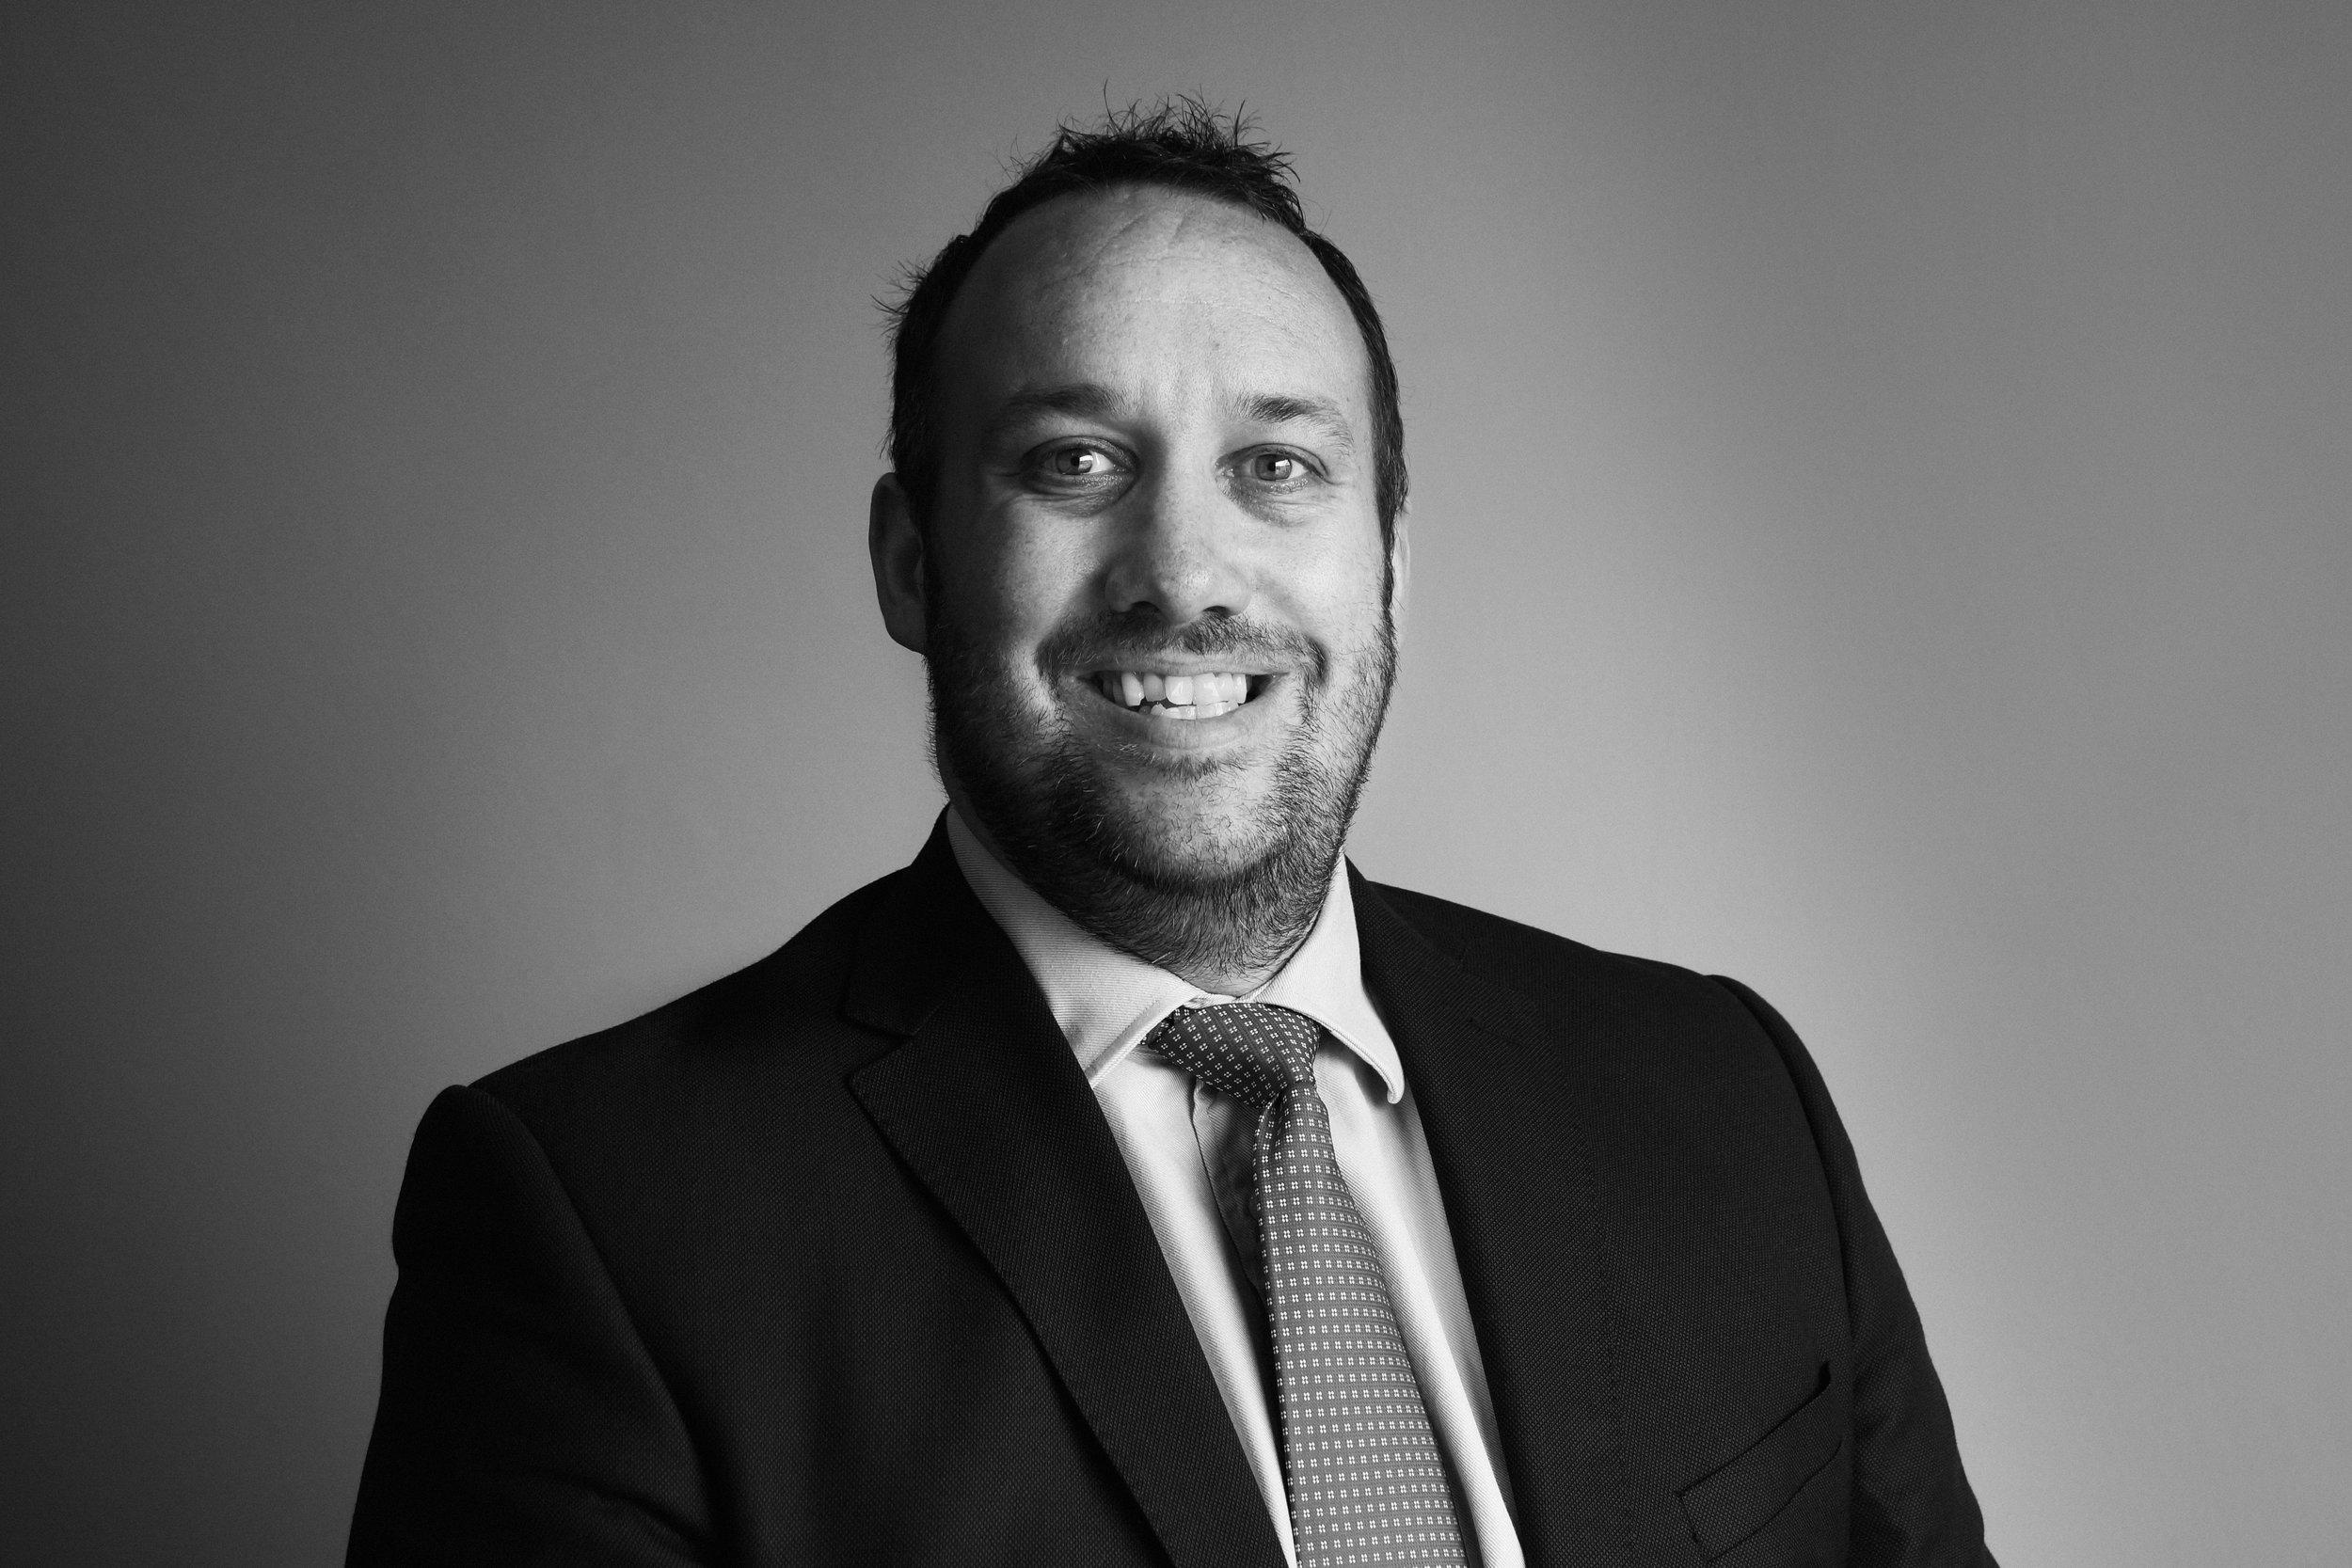 Declan Gaule of The MFG Group